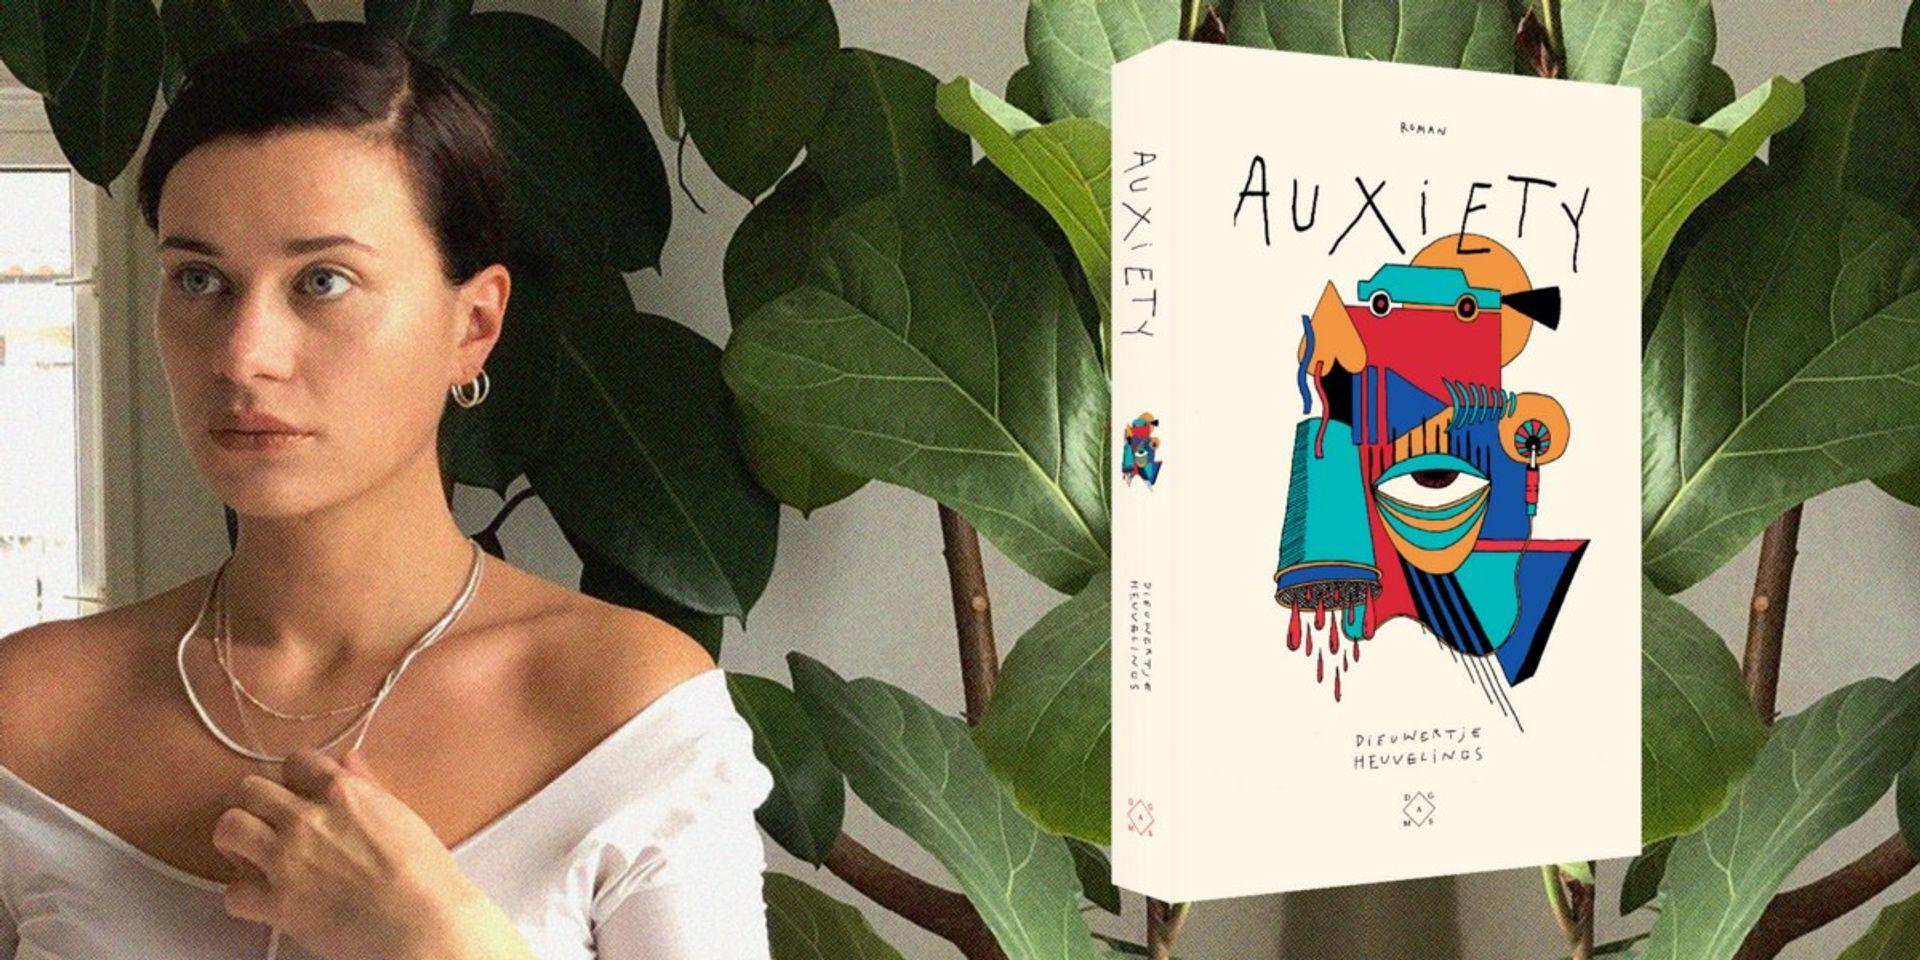 Auxiety: een rauw een eerlijk inkijkje in de muziekindustrie